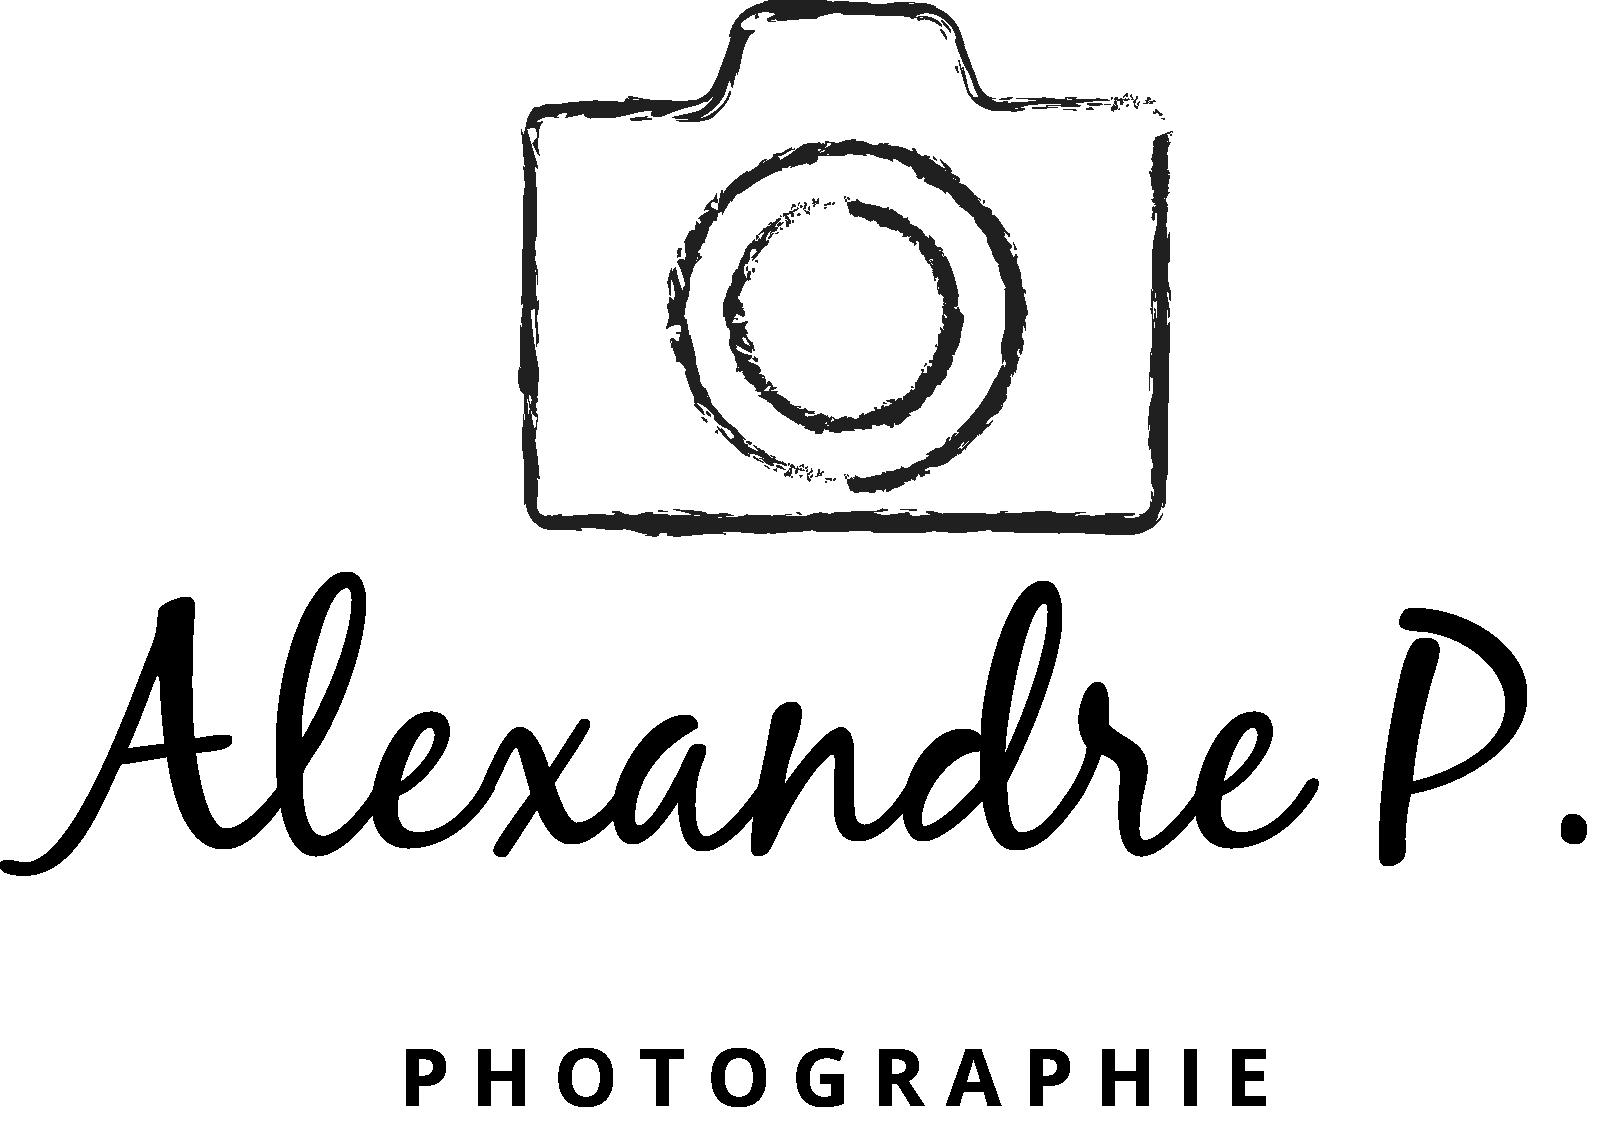 Alexandre P. Photographie